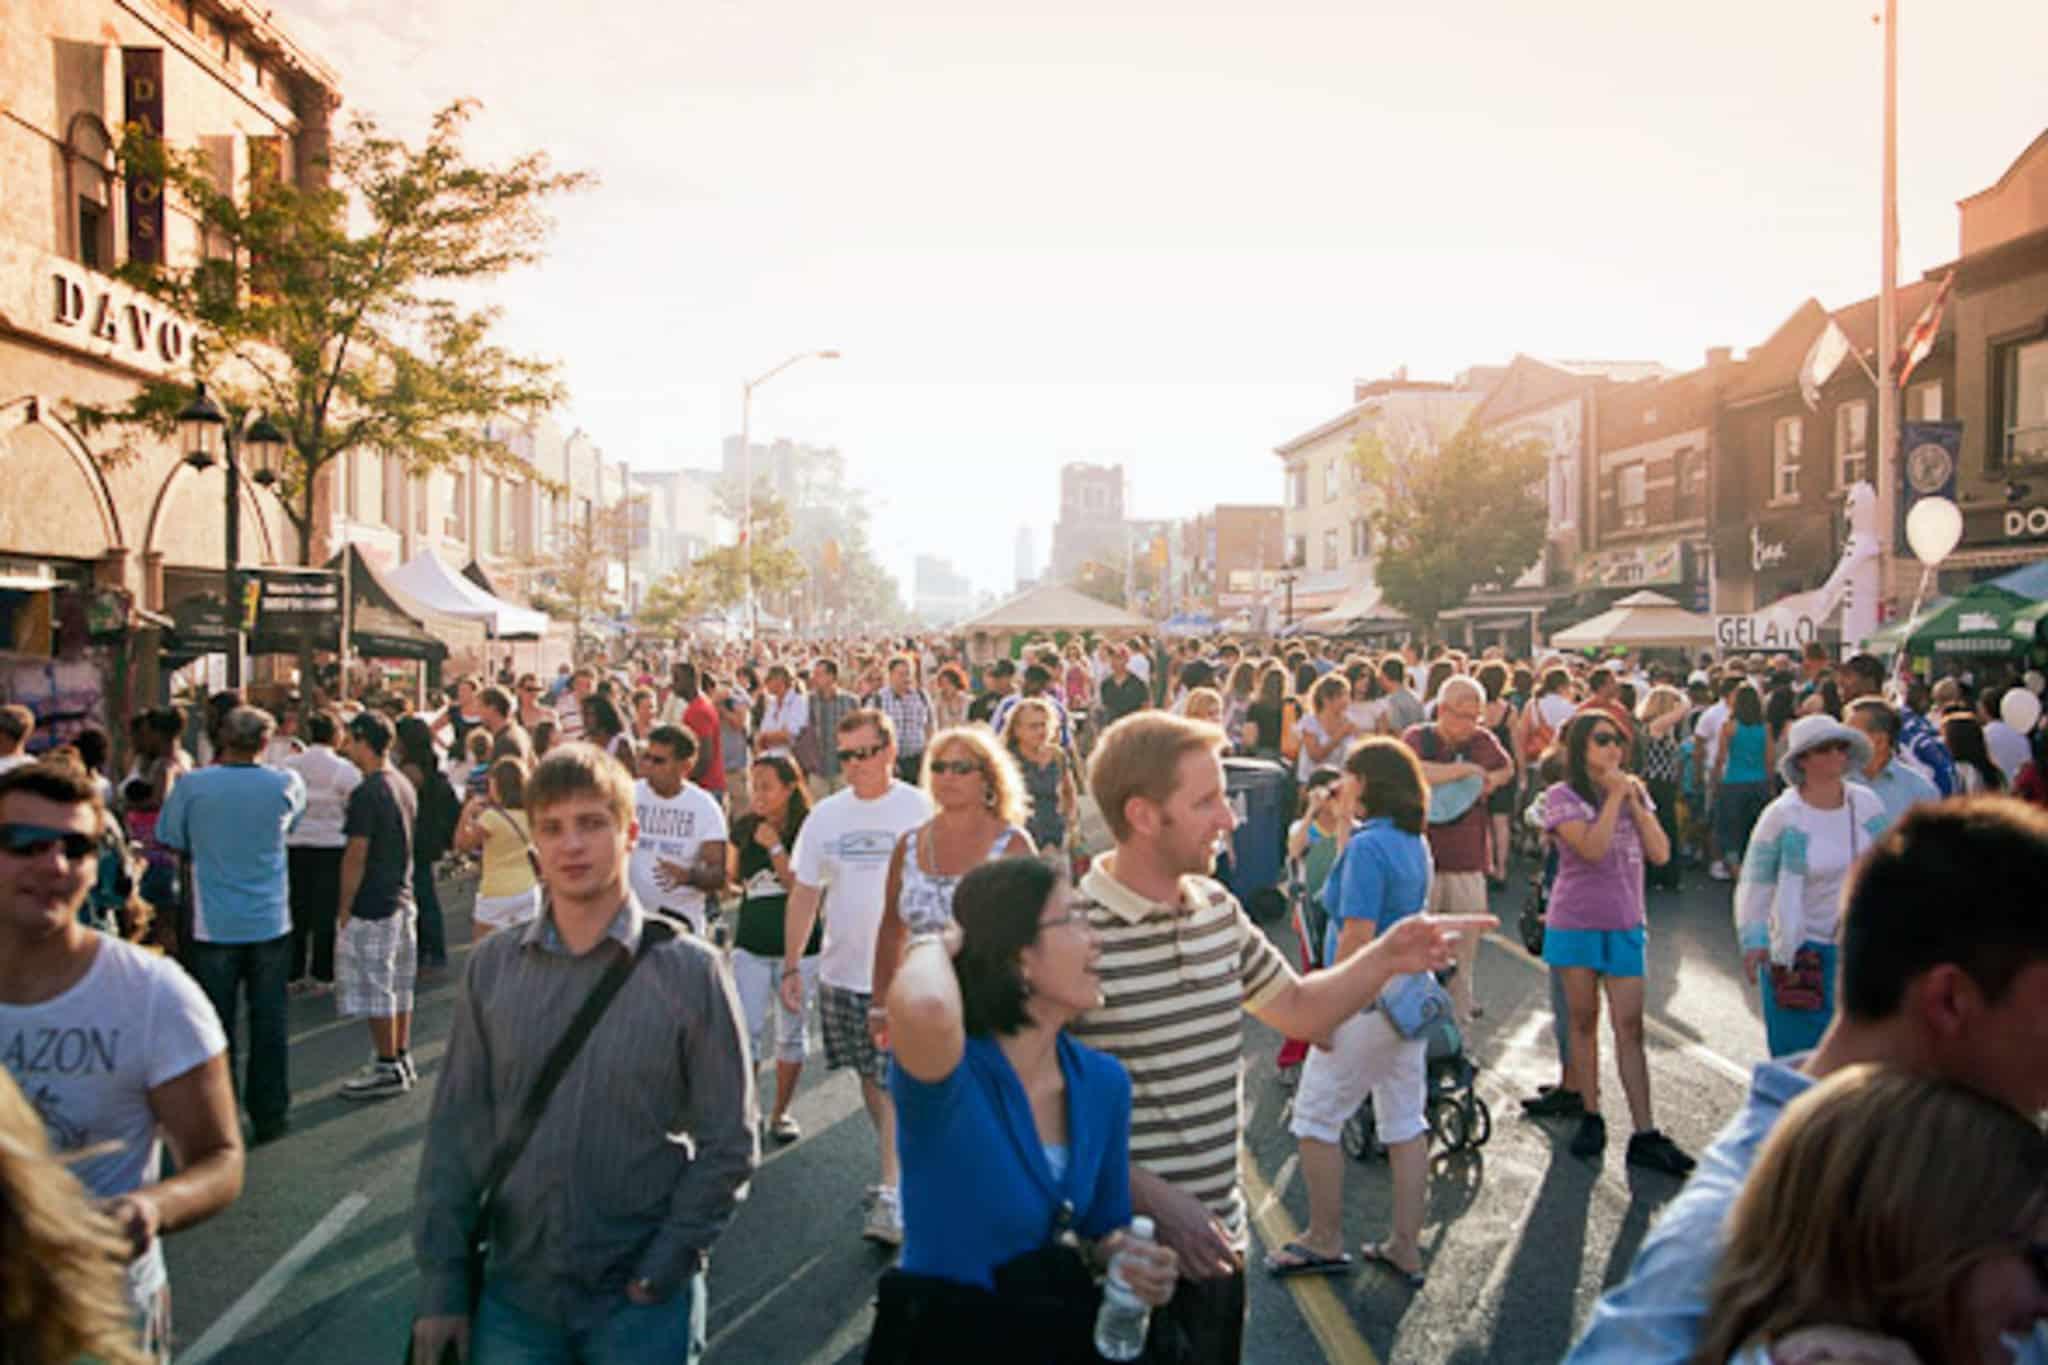 Cierres y desvíos de ruta por eventos en Toronto: 16 al 19 de Junio